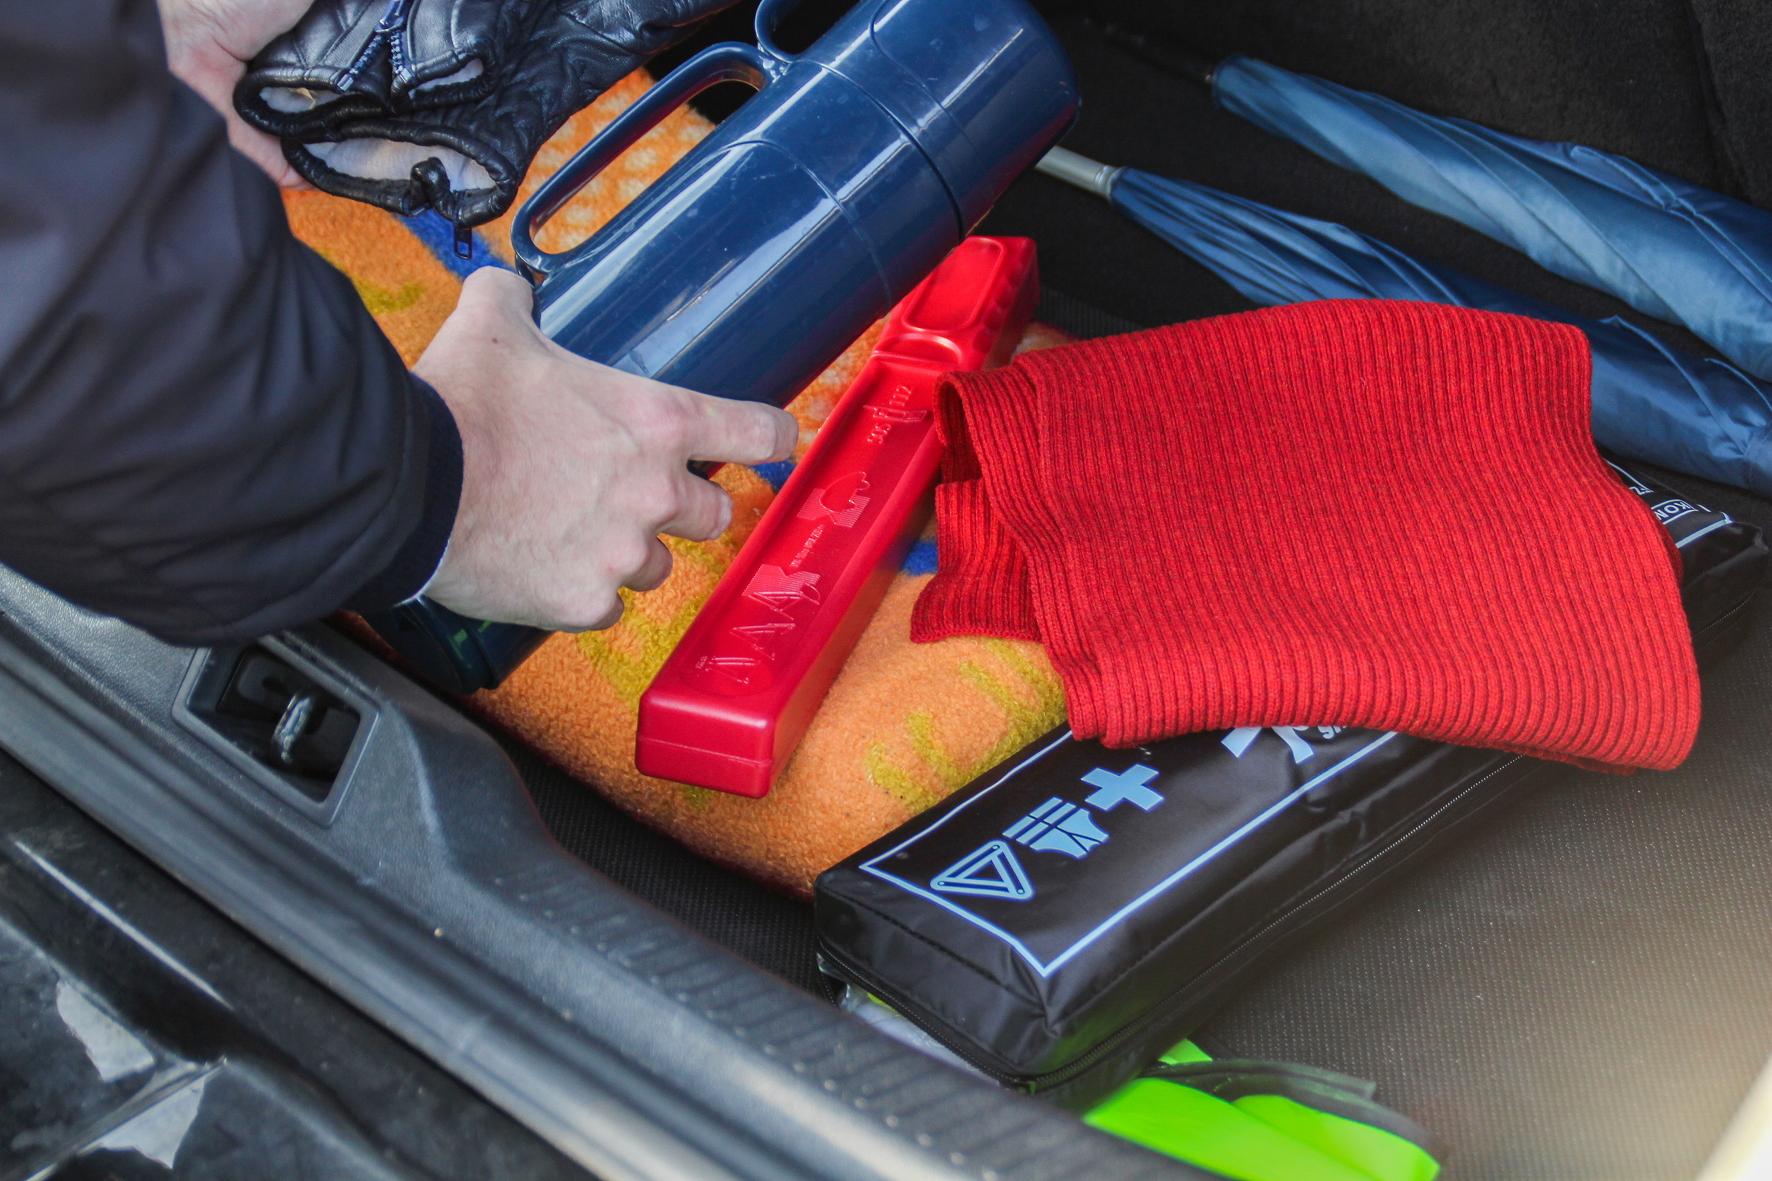 mid Groß-Gerau - Handschuhe, Thermos-Kanne, warme Decke und Warndreieck: So ausgerüstet lässt sich eine Panne auch im Winter überstehen. TÜV Rheinland